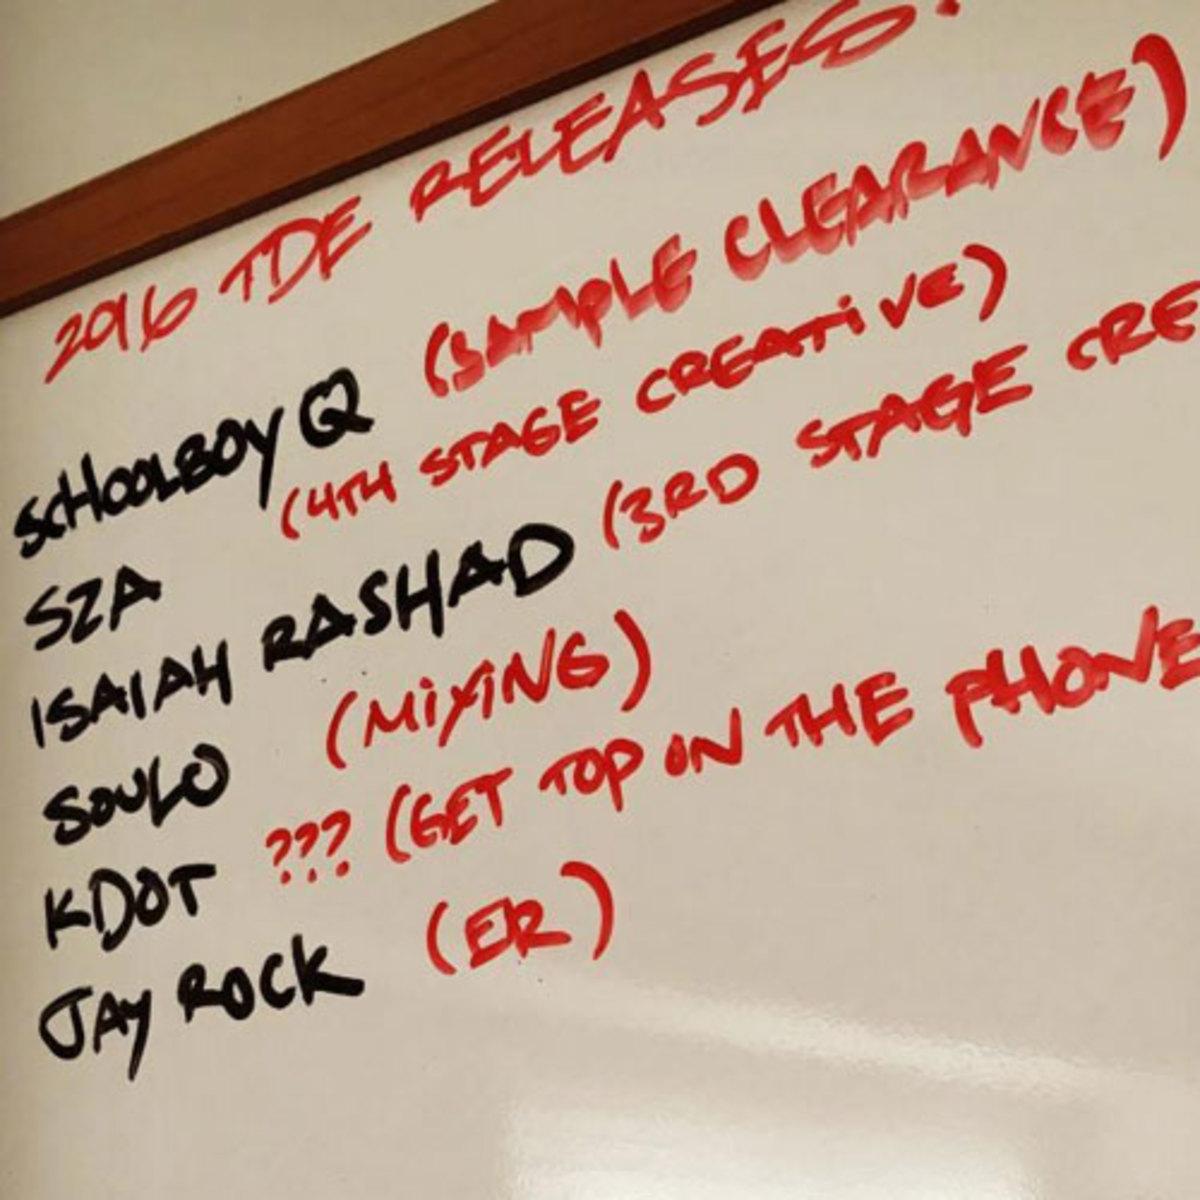 2016-tde-release-schedule.jpg